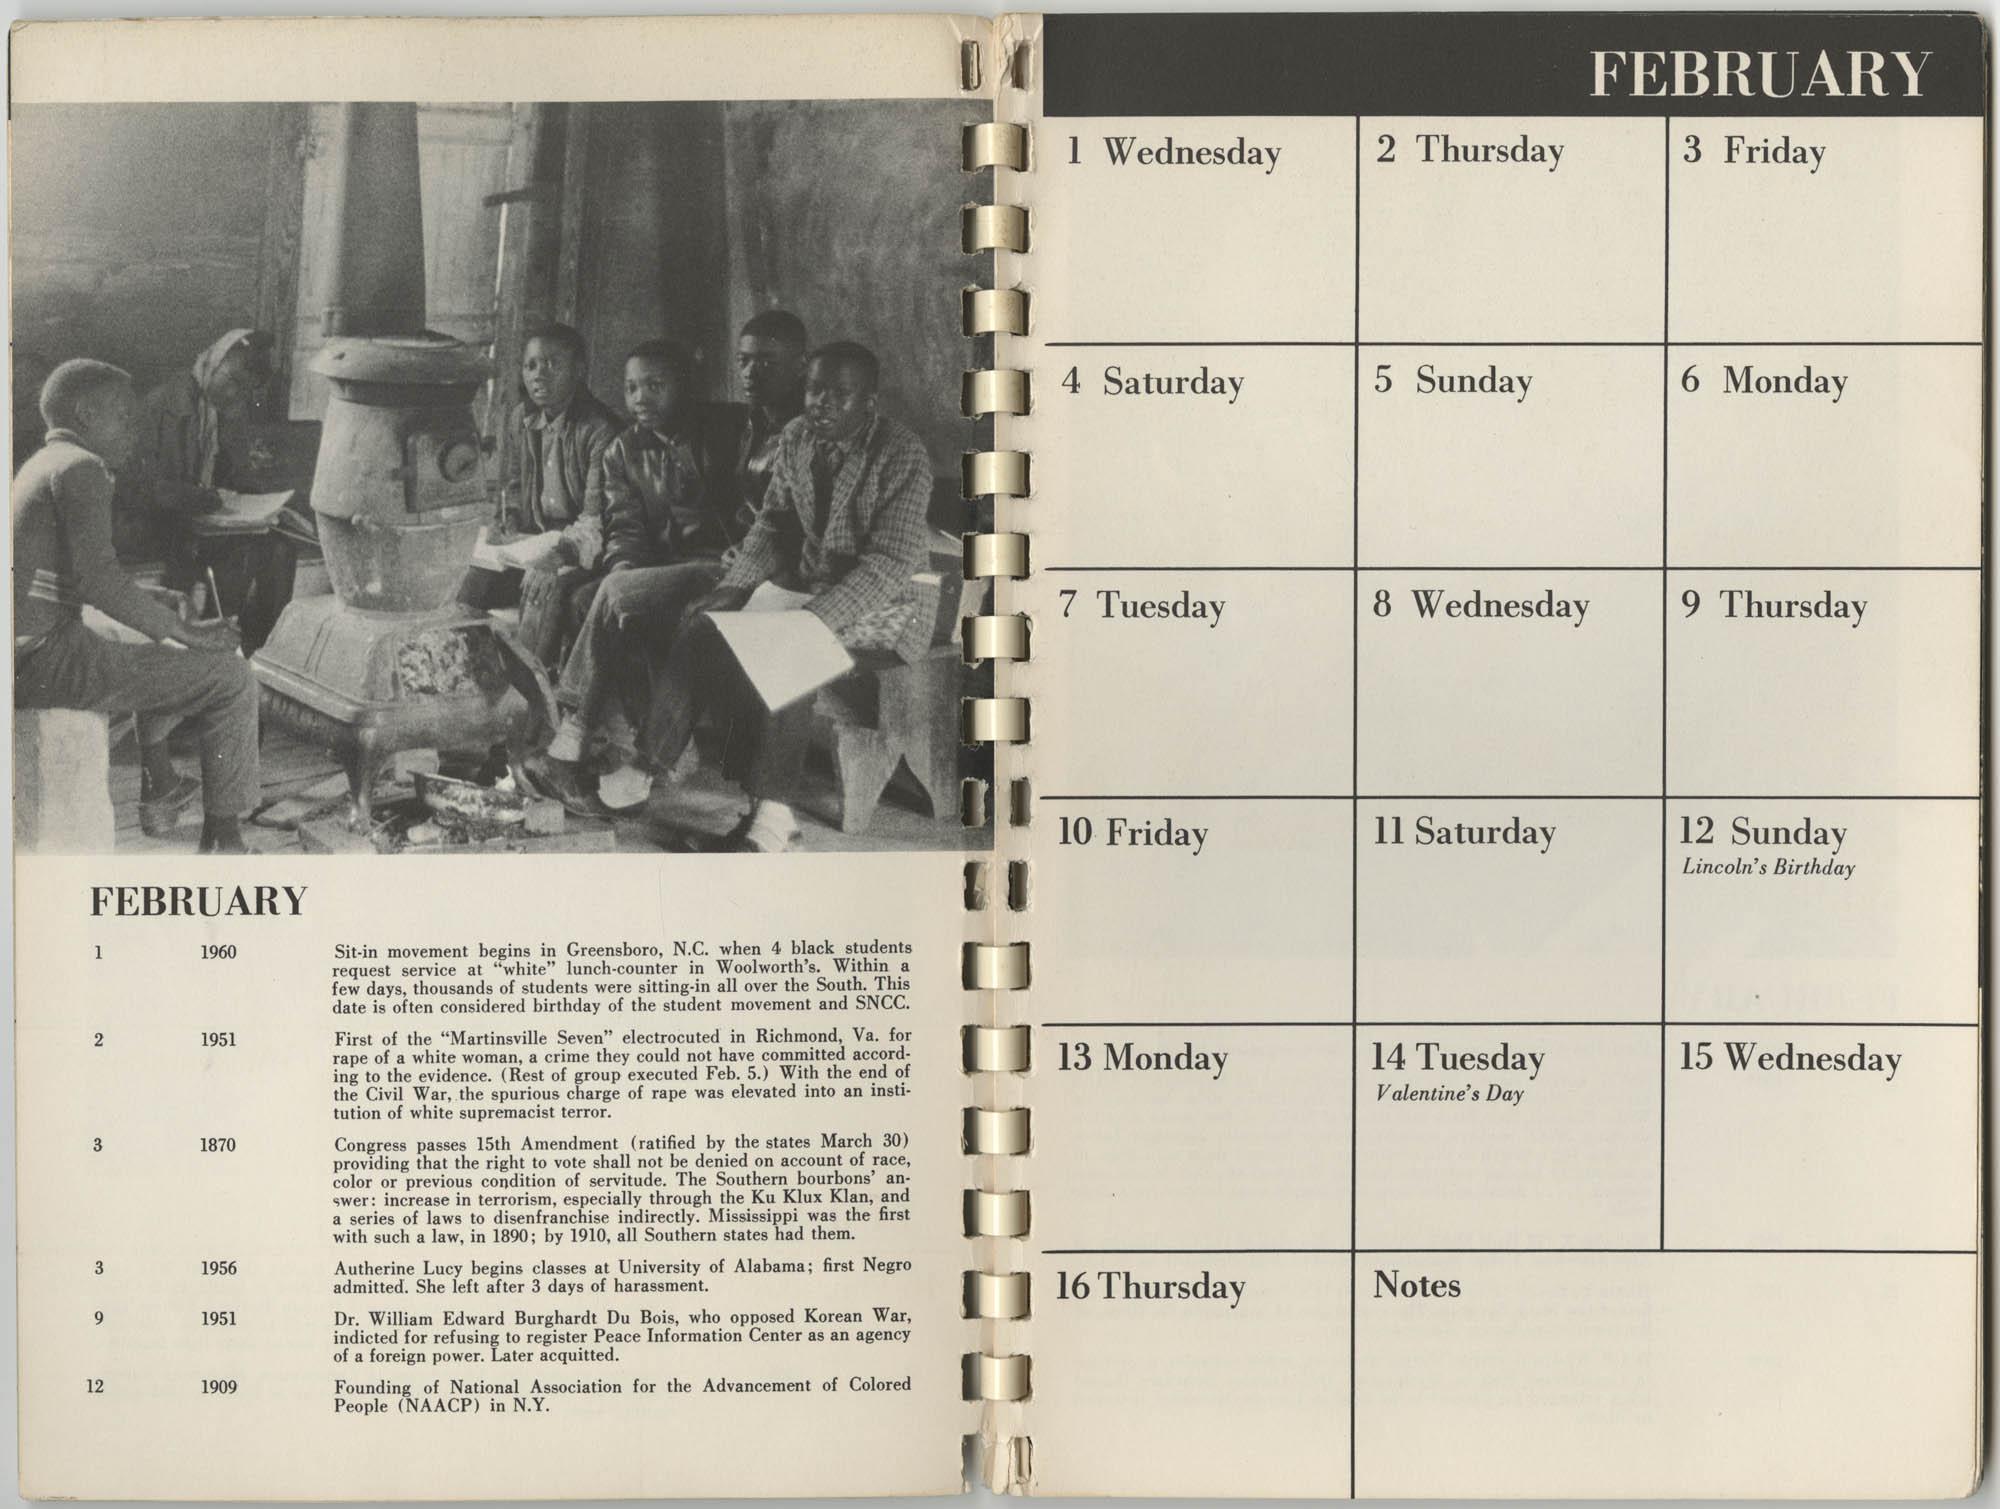 1967 SNCC Calendar, February 1-16